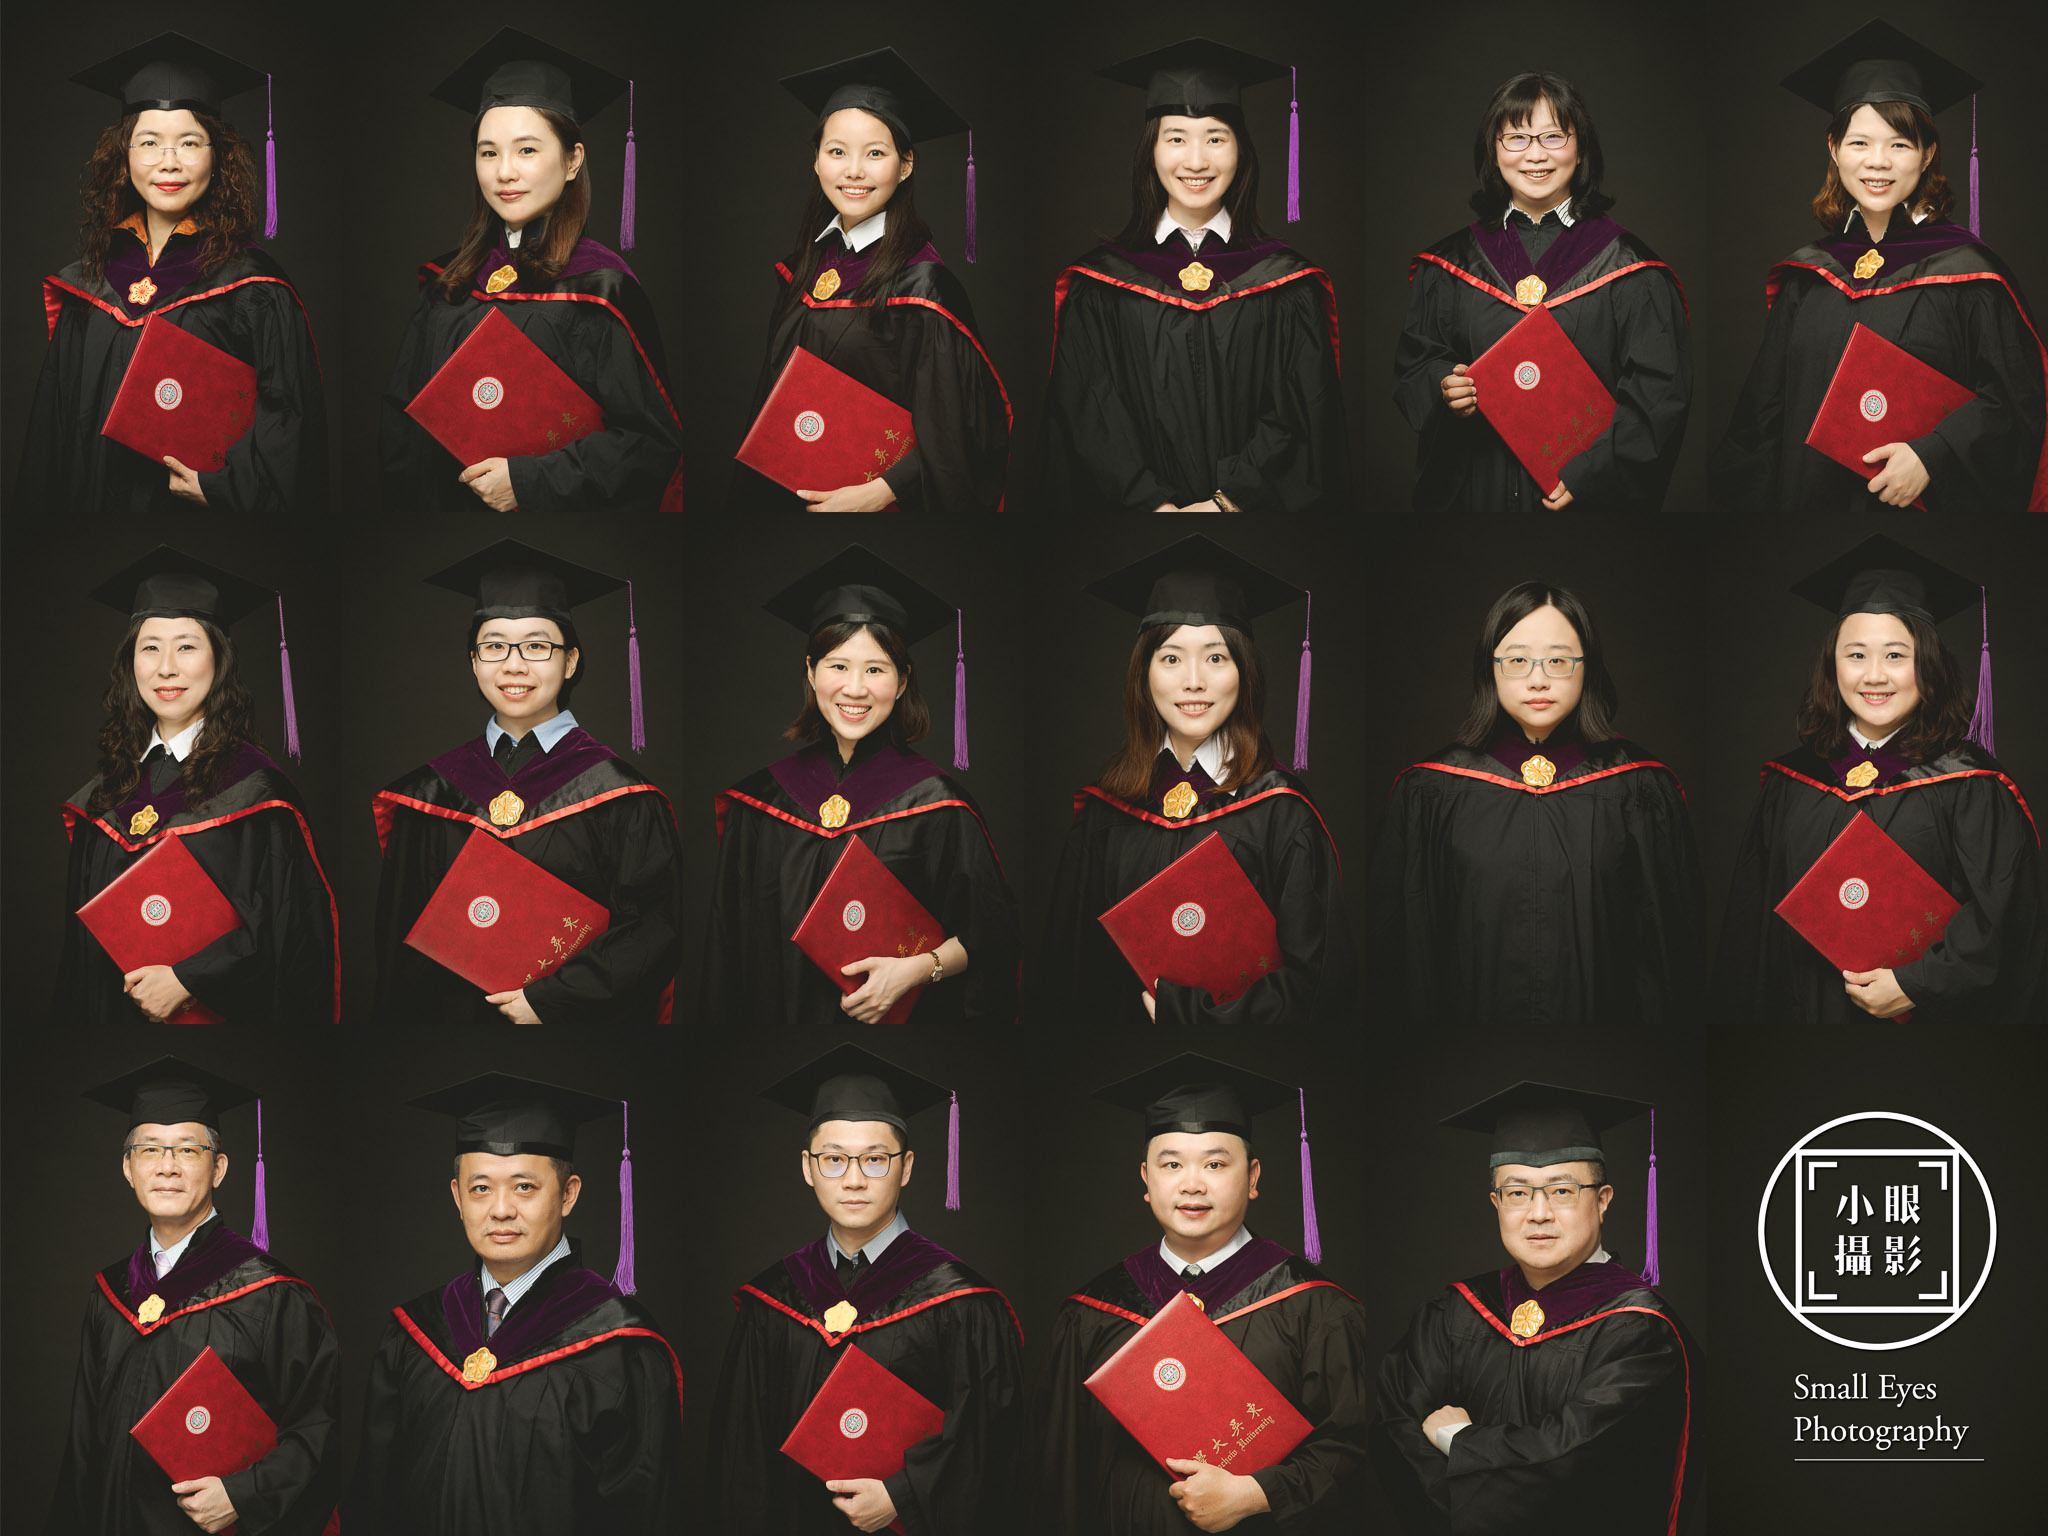 【人像寫真】2020 東吳大學法律系 碩士在職專班 - 畢業照